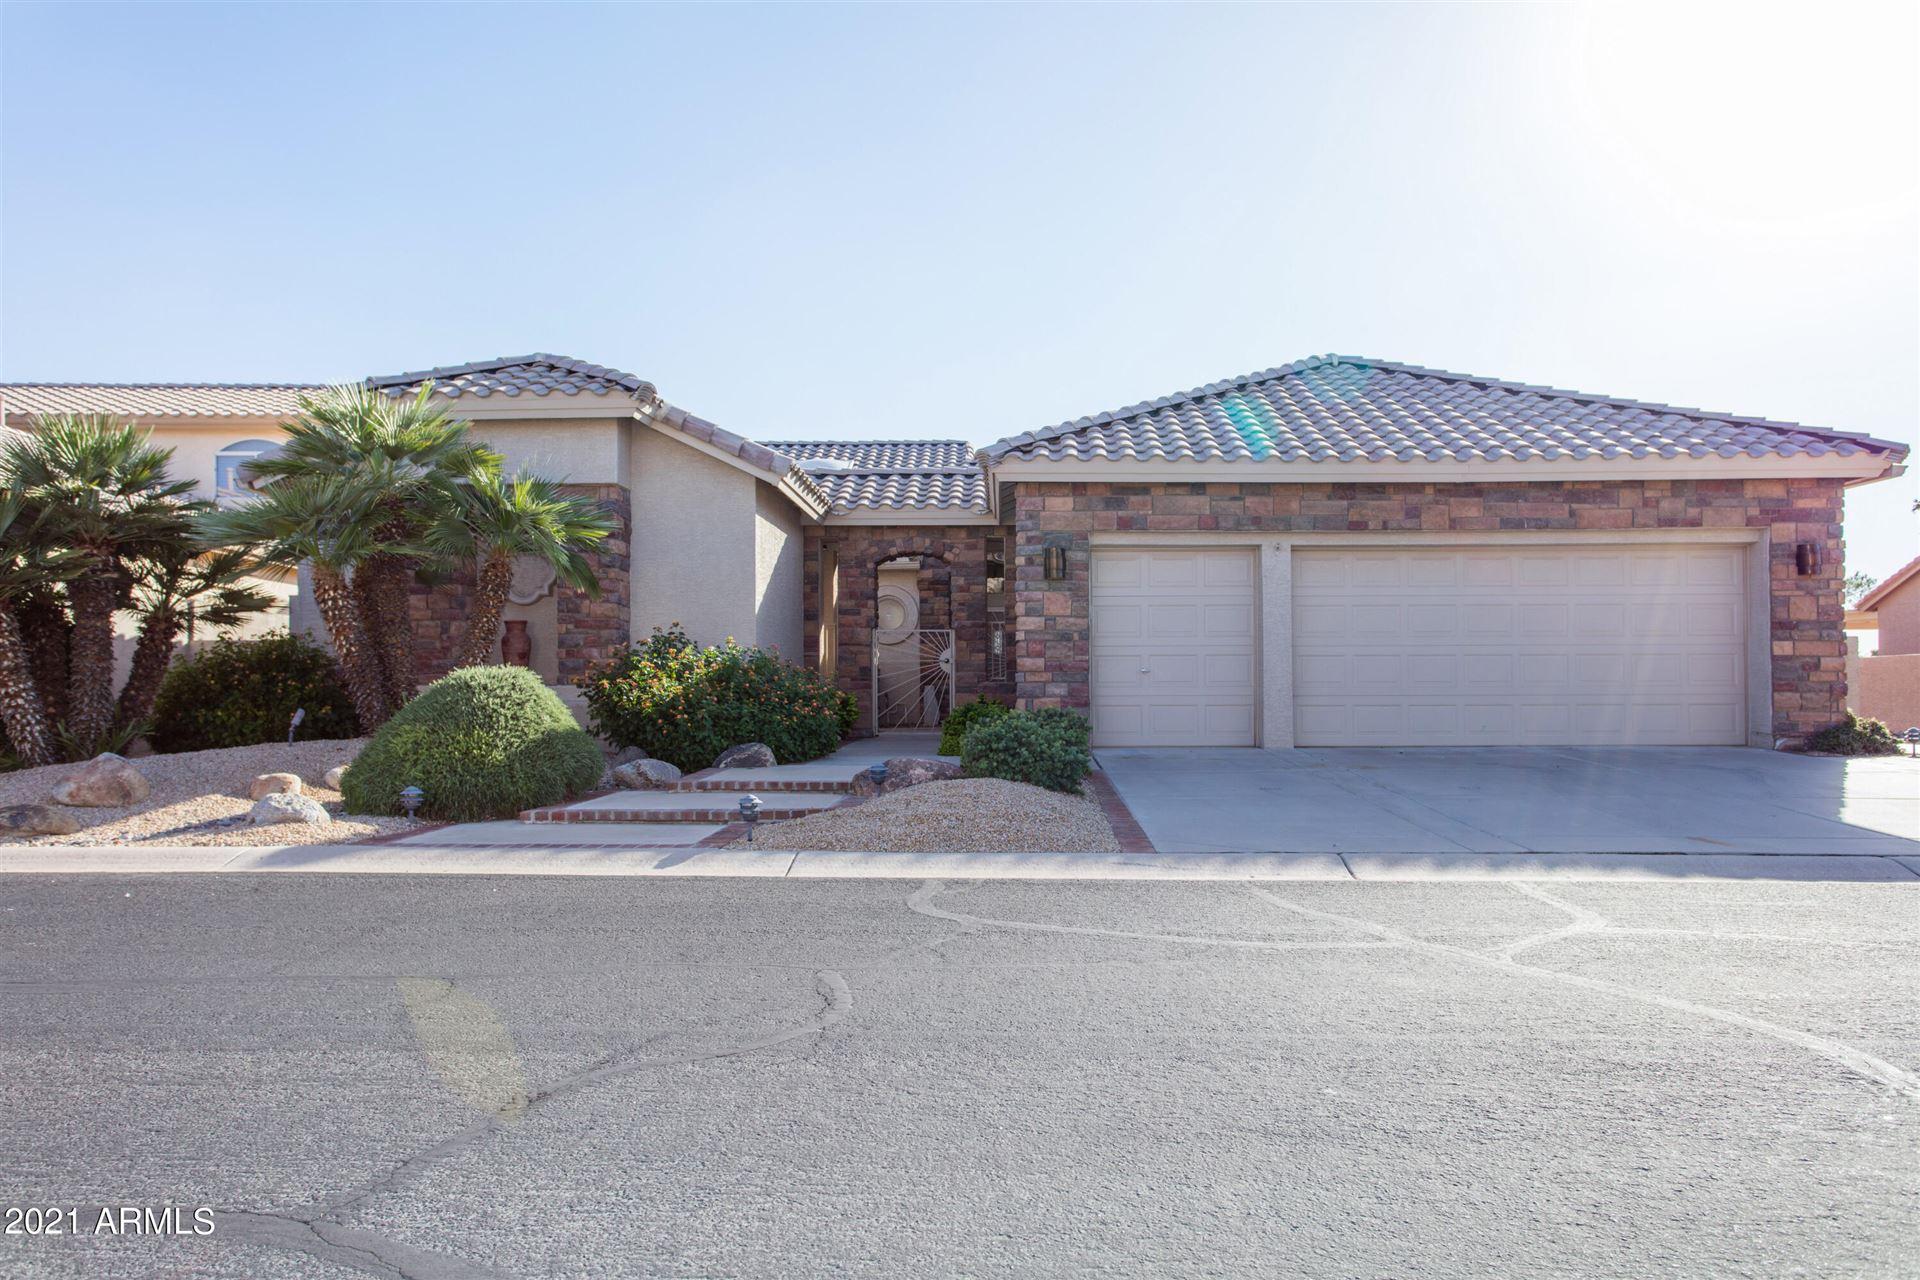 Photo of 9501 E SUNRIDGE Drive, Sun Lakes, AZ 85248 (MLS # 6307984)